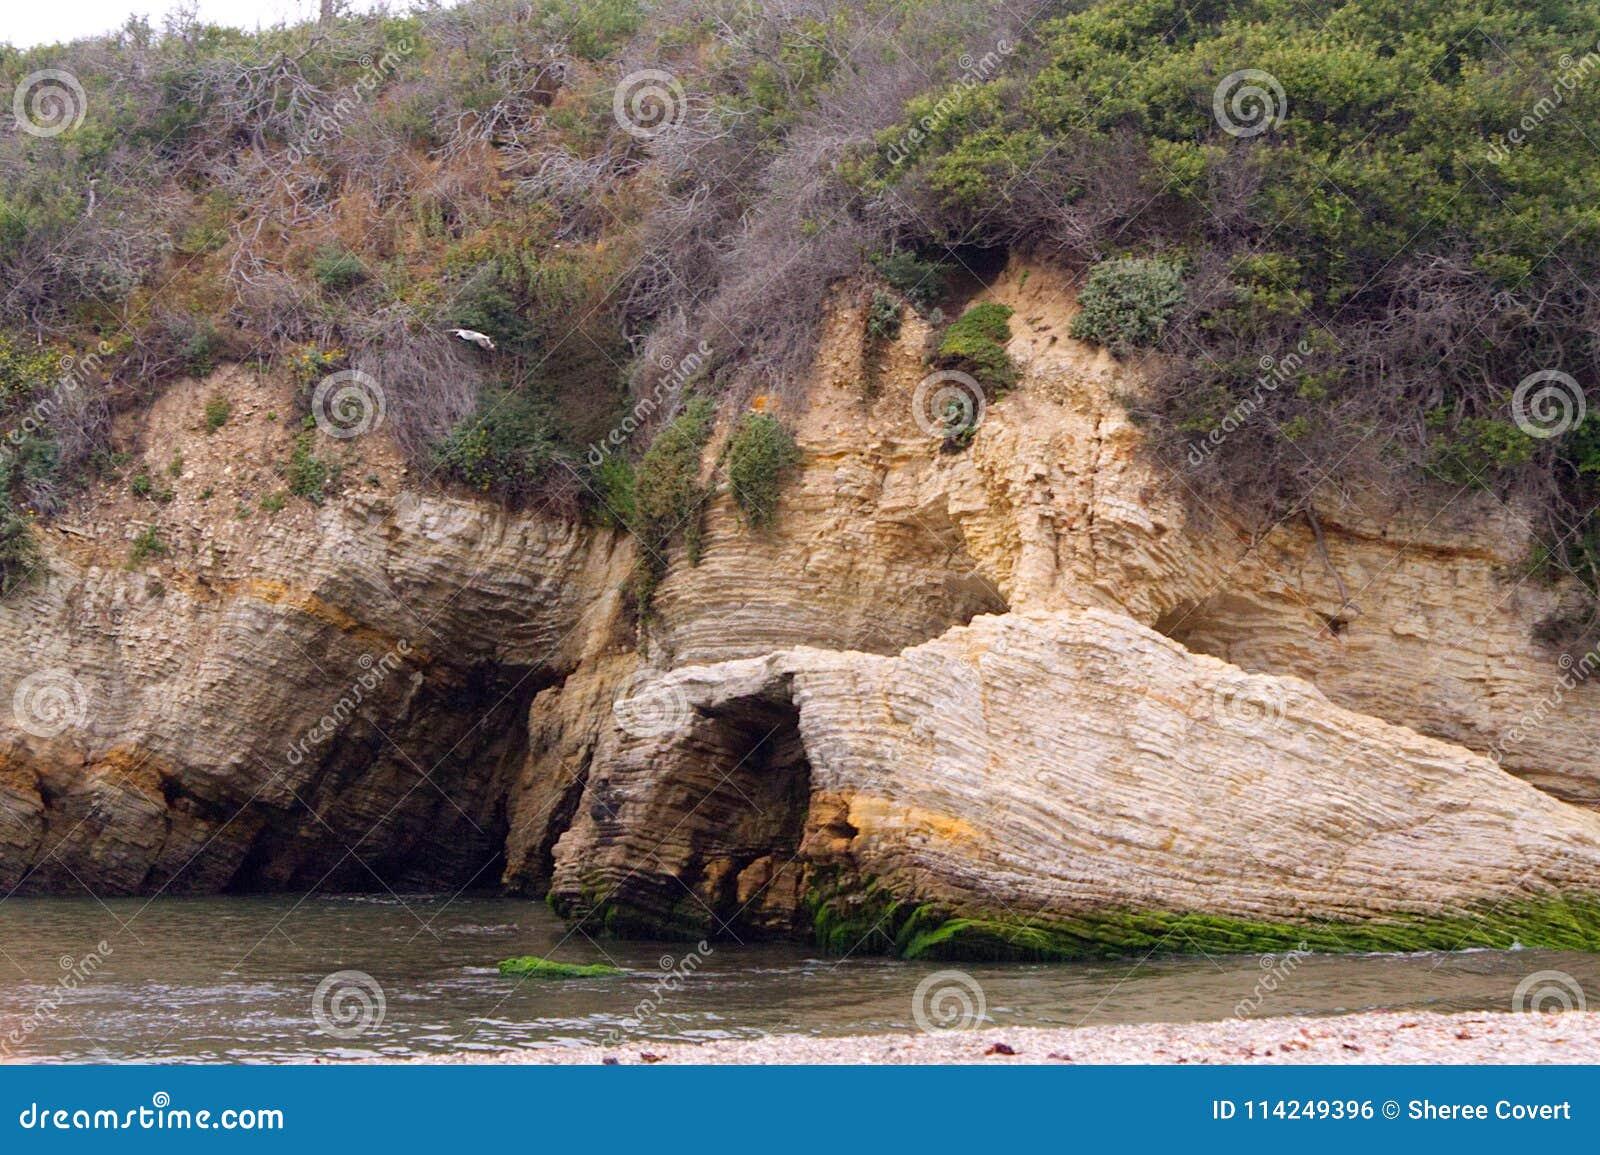 Gaviota, acantilados geológicos, playa, y océano